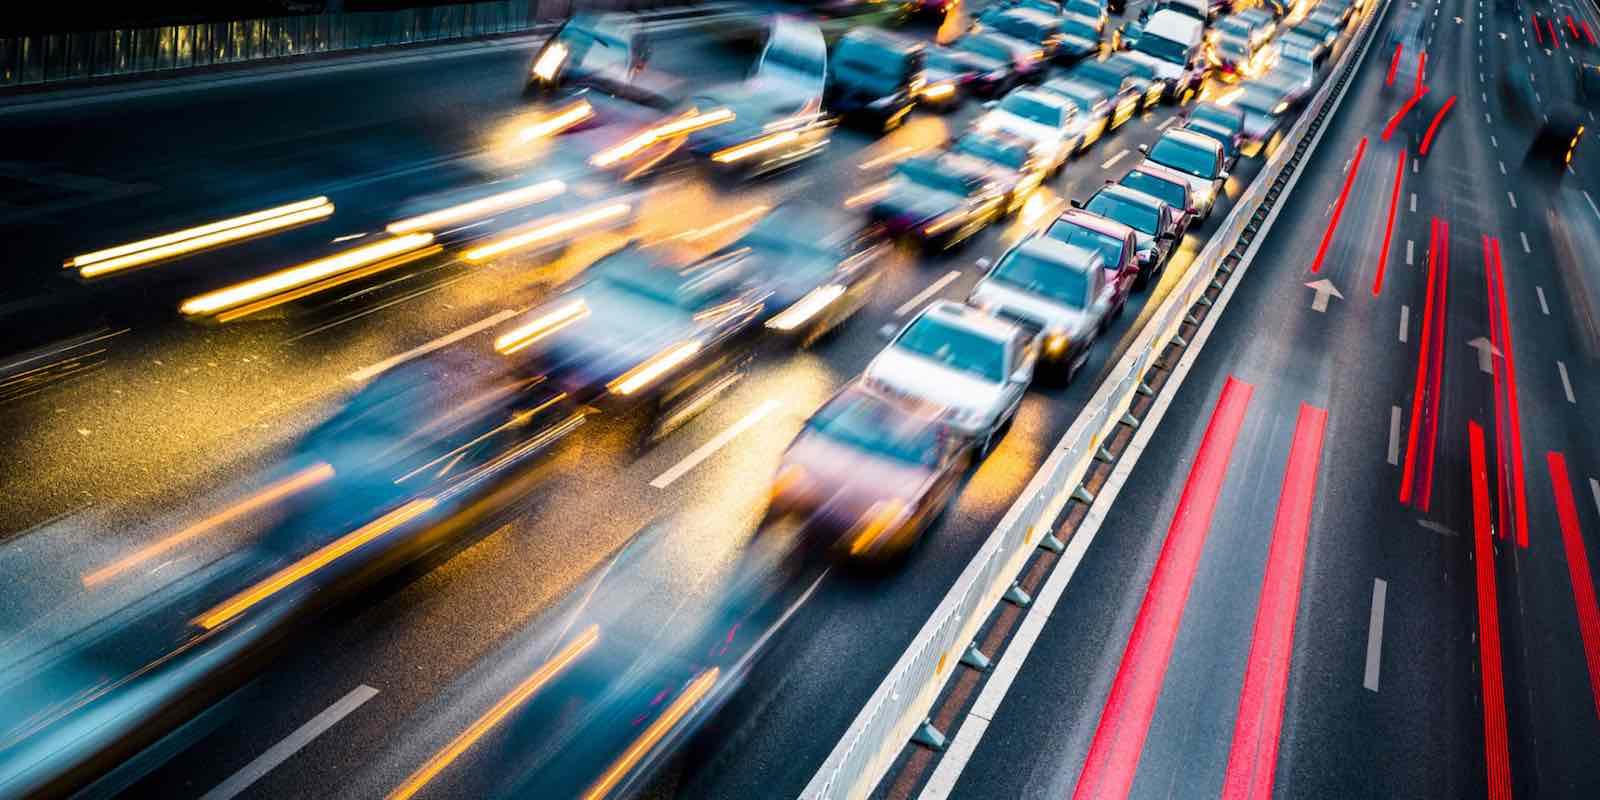 Atraia tráfego para seu blog ou site criando um bom conteúdo e estratégia